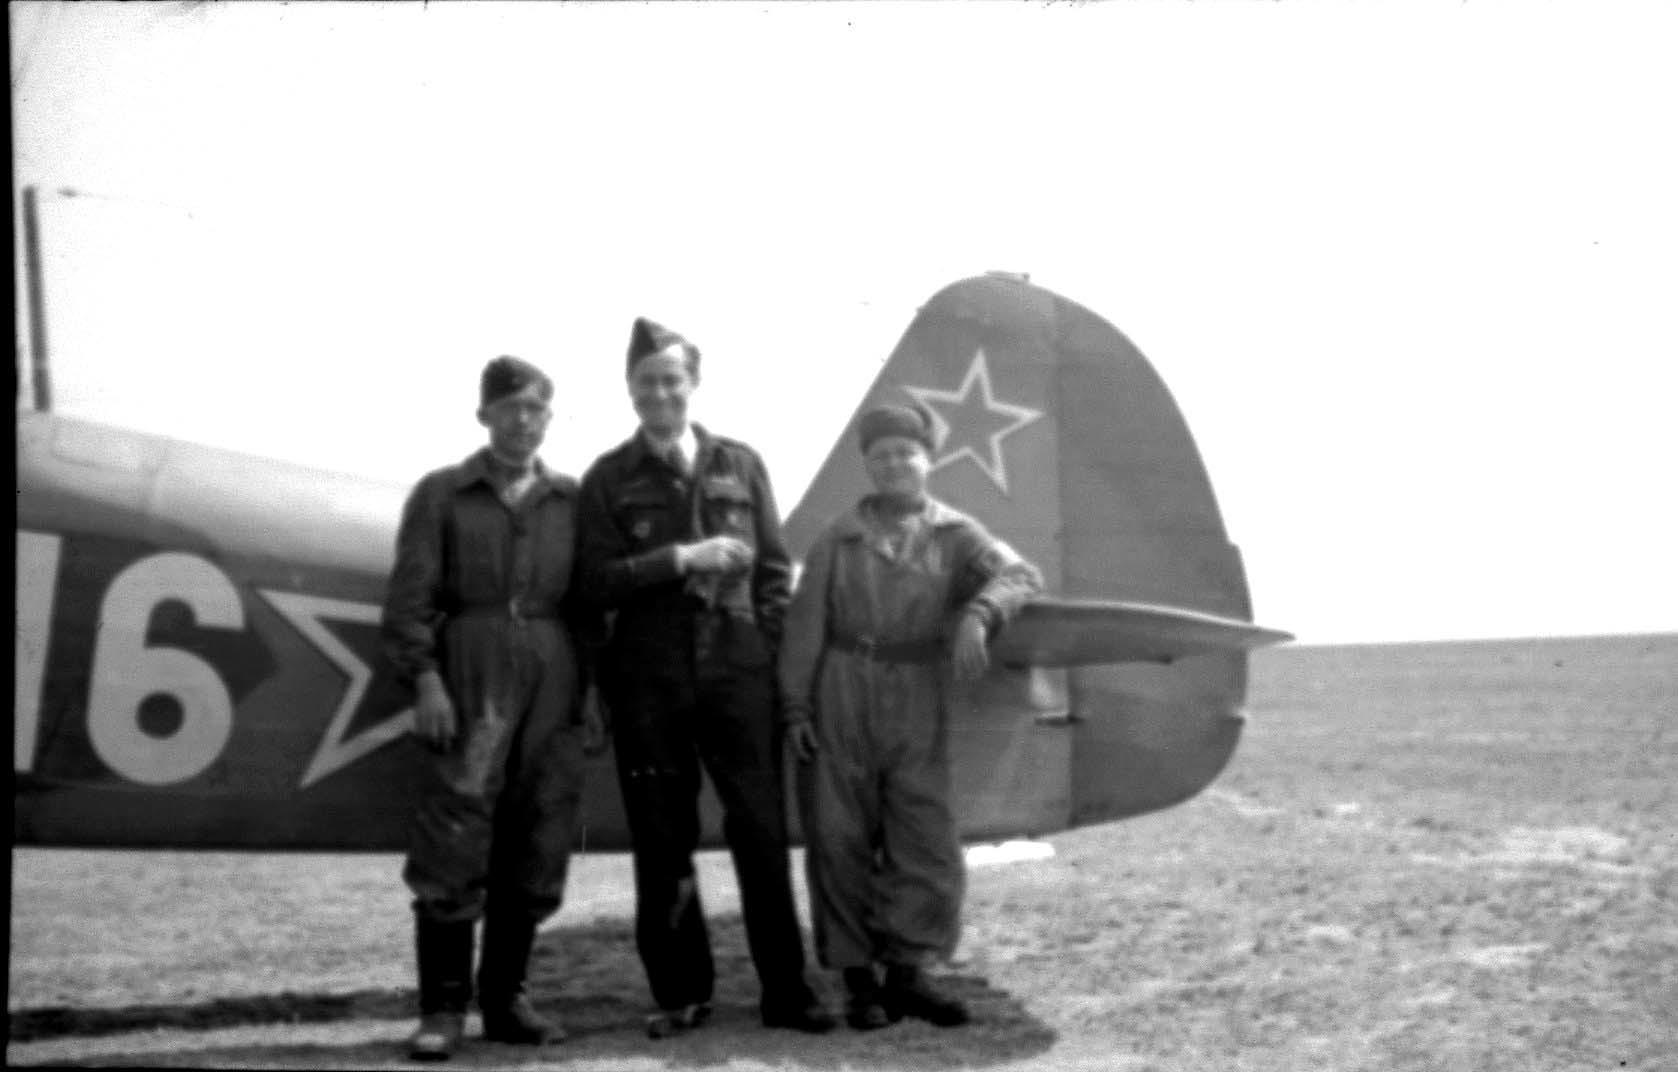 Aéroport militaire « Doubrovka » ( région de Smolensk, Russie), avril 1944. Devant leur Yak-7T : le pilote français Yves Mourier (au milieu), âgé de 32 ans, et son mécanicien russe Valentin Ogourtsov, 18 ans (à droite)